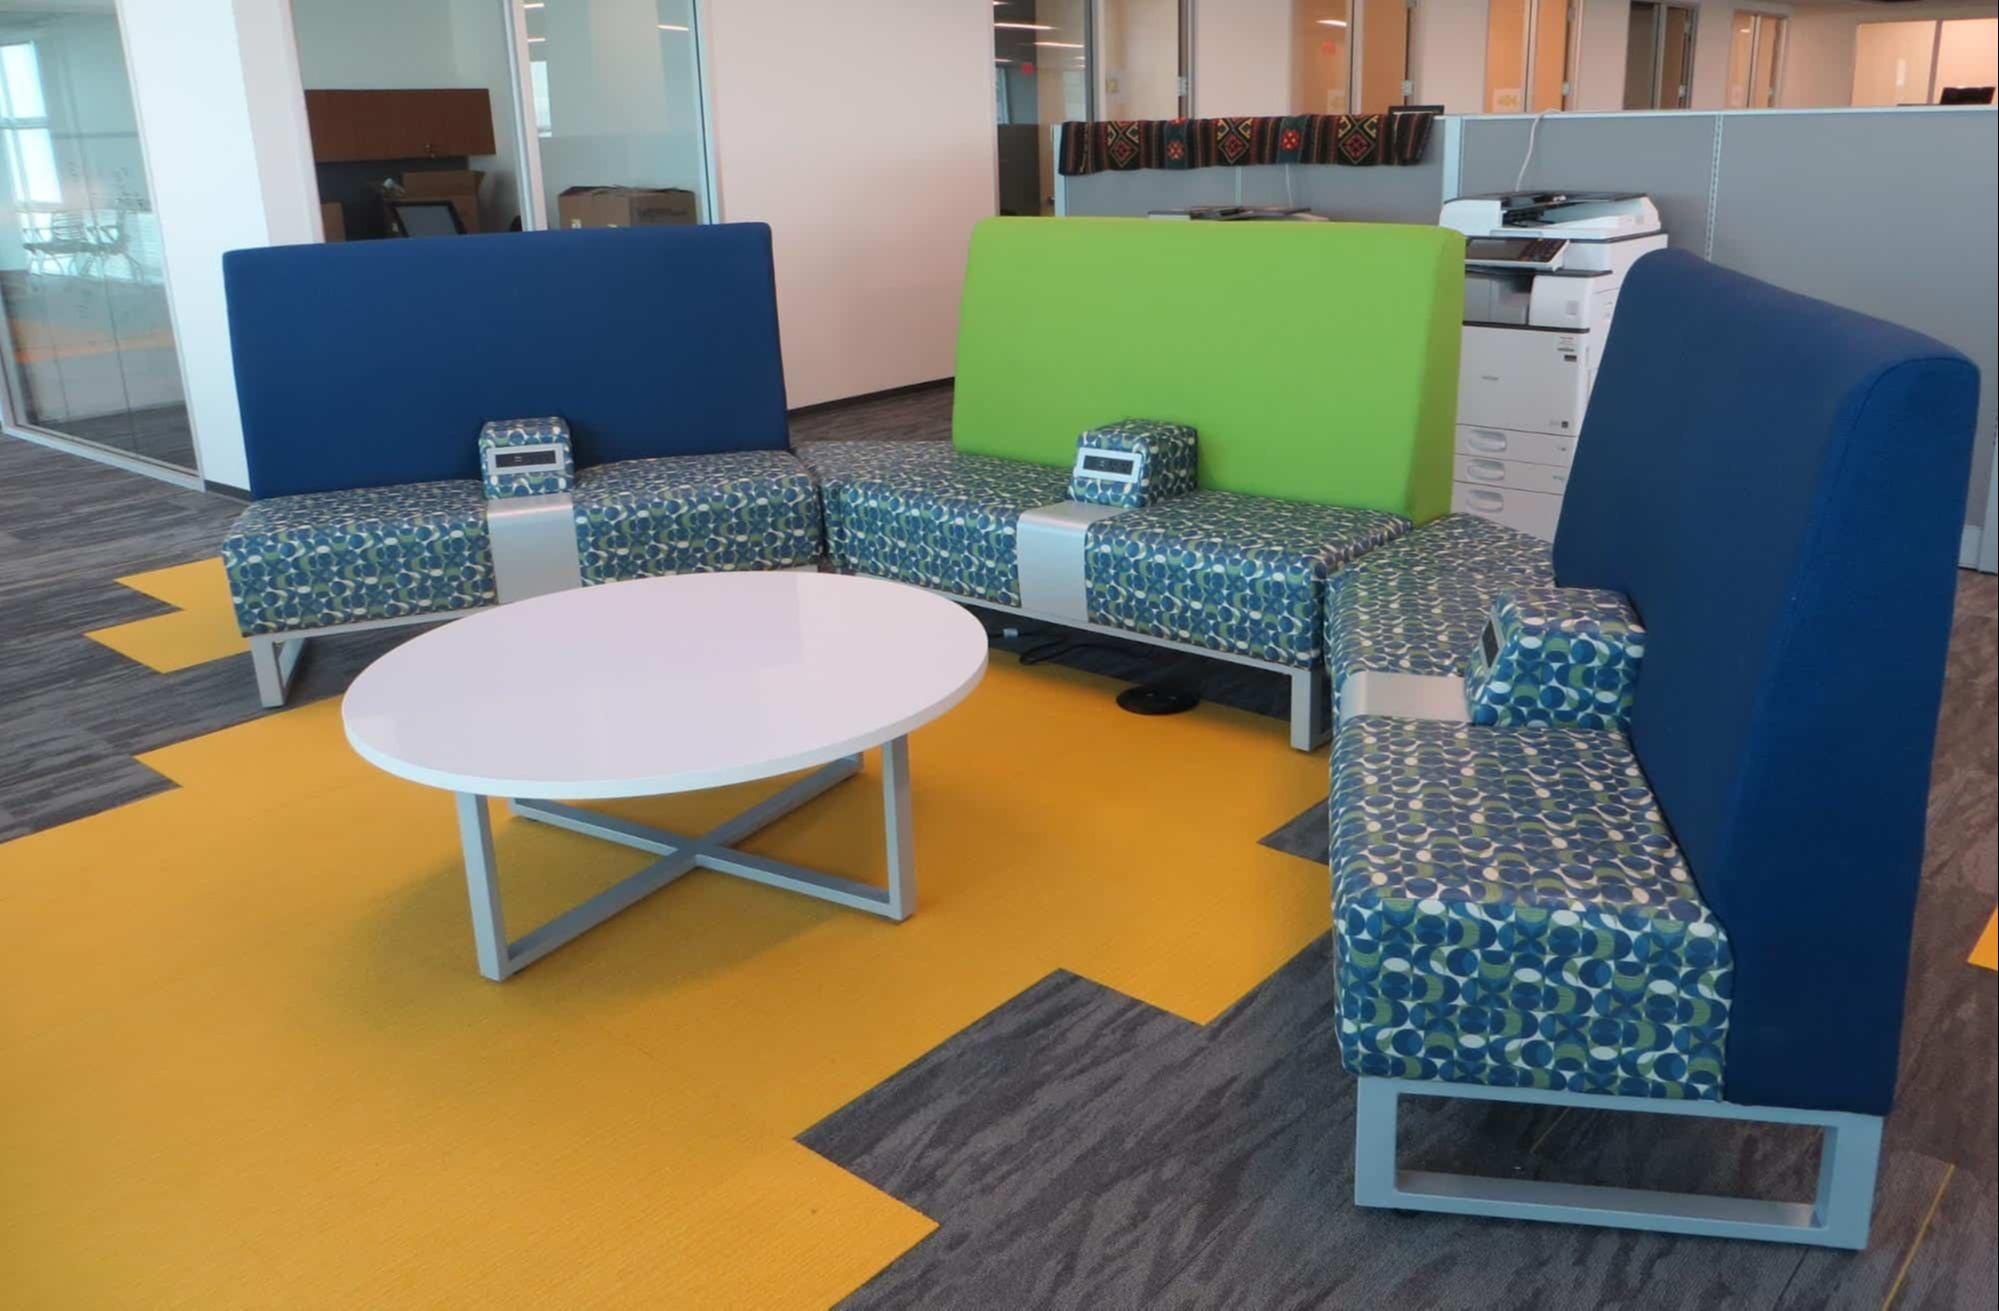 renovar-muebles-de-oficina para-mejorar-la-productividad